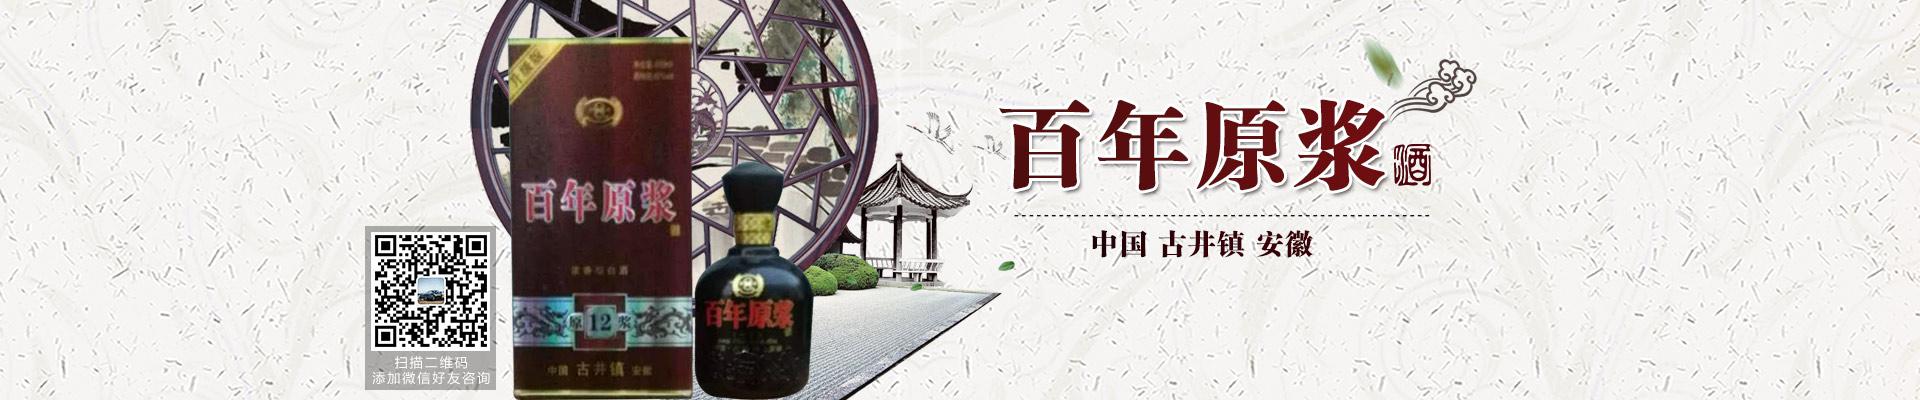 亳州市万顺酒业中国梦系列全国招商